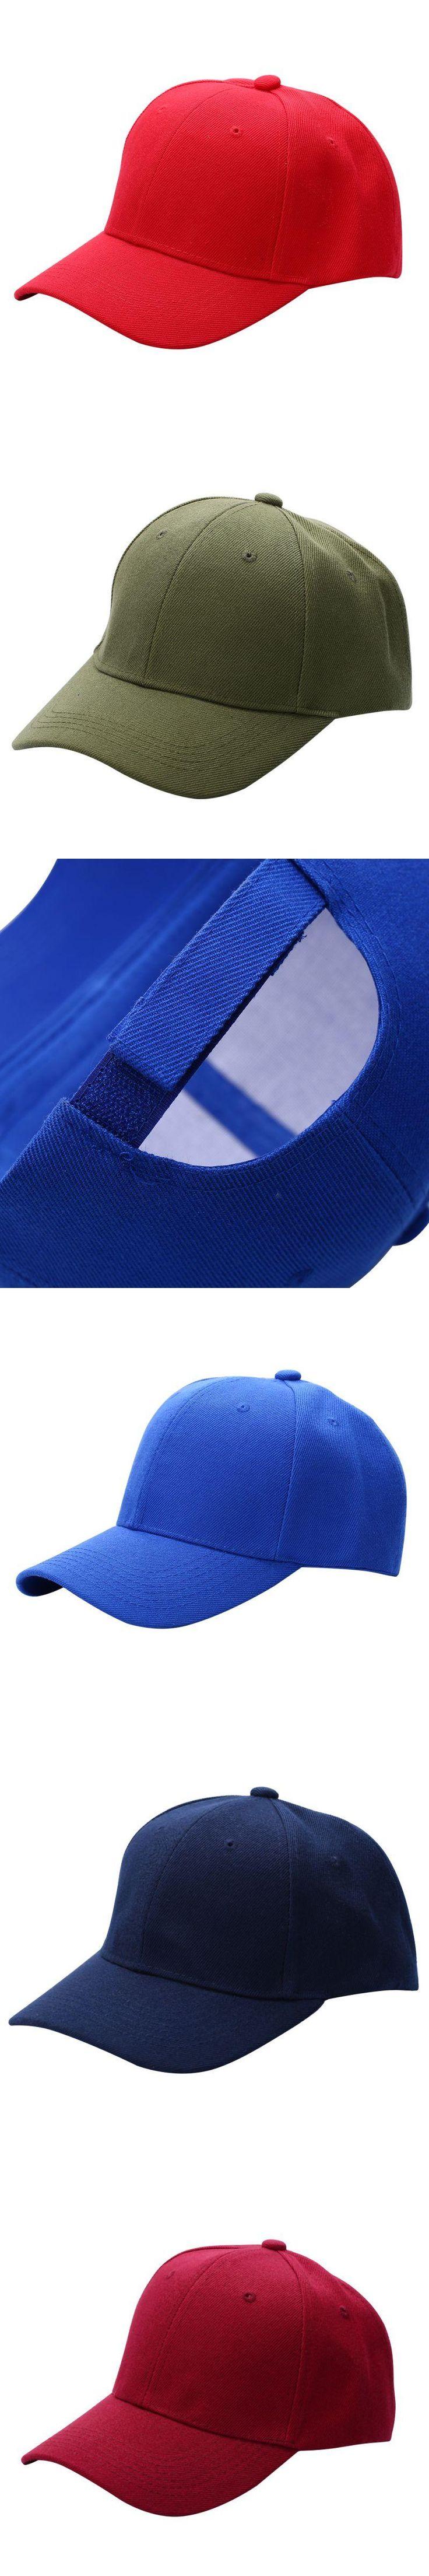 Men Women Plain Baseball Cap Unisex Curved Visor Hat Hip-Hop Adjustable Peaked Hat Visor Caps Solid Color